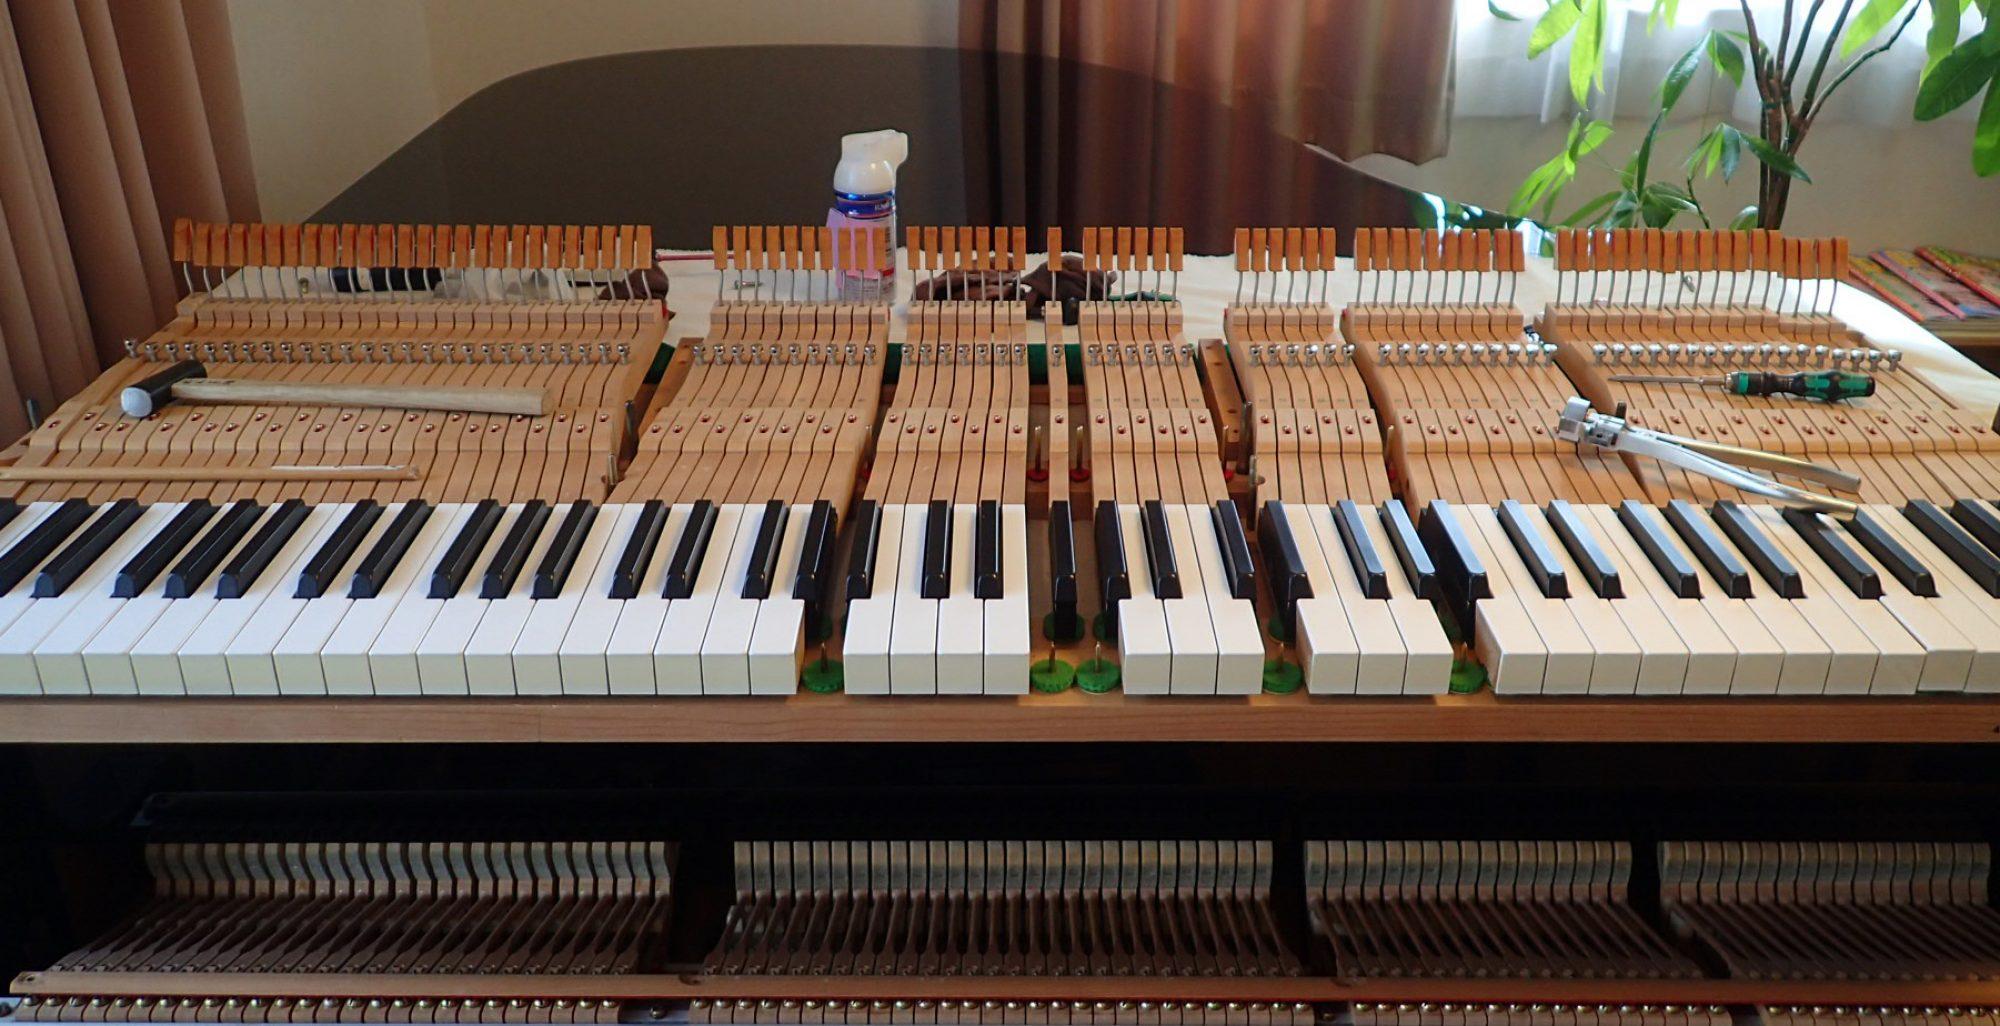 ピアノ調律 整調 整音 修理 ㈲岡本ピアノ工房